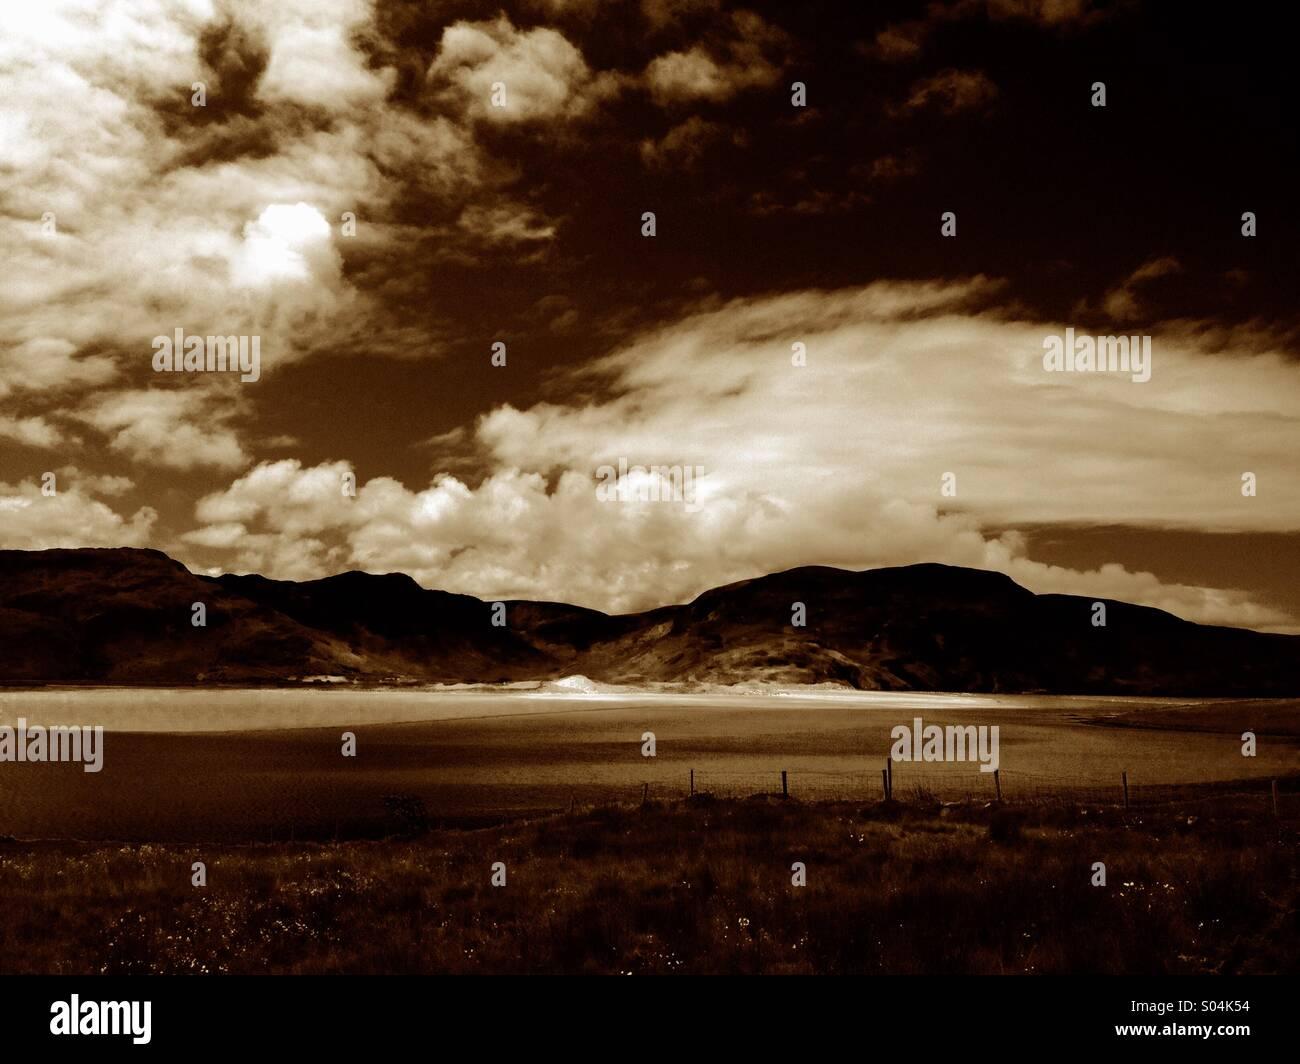 West Coast Landscape - Stock Image